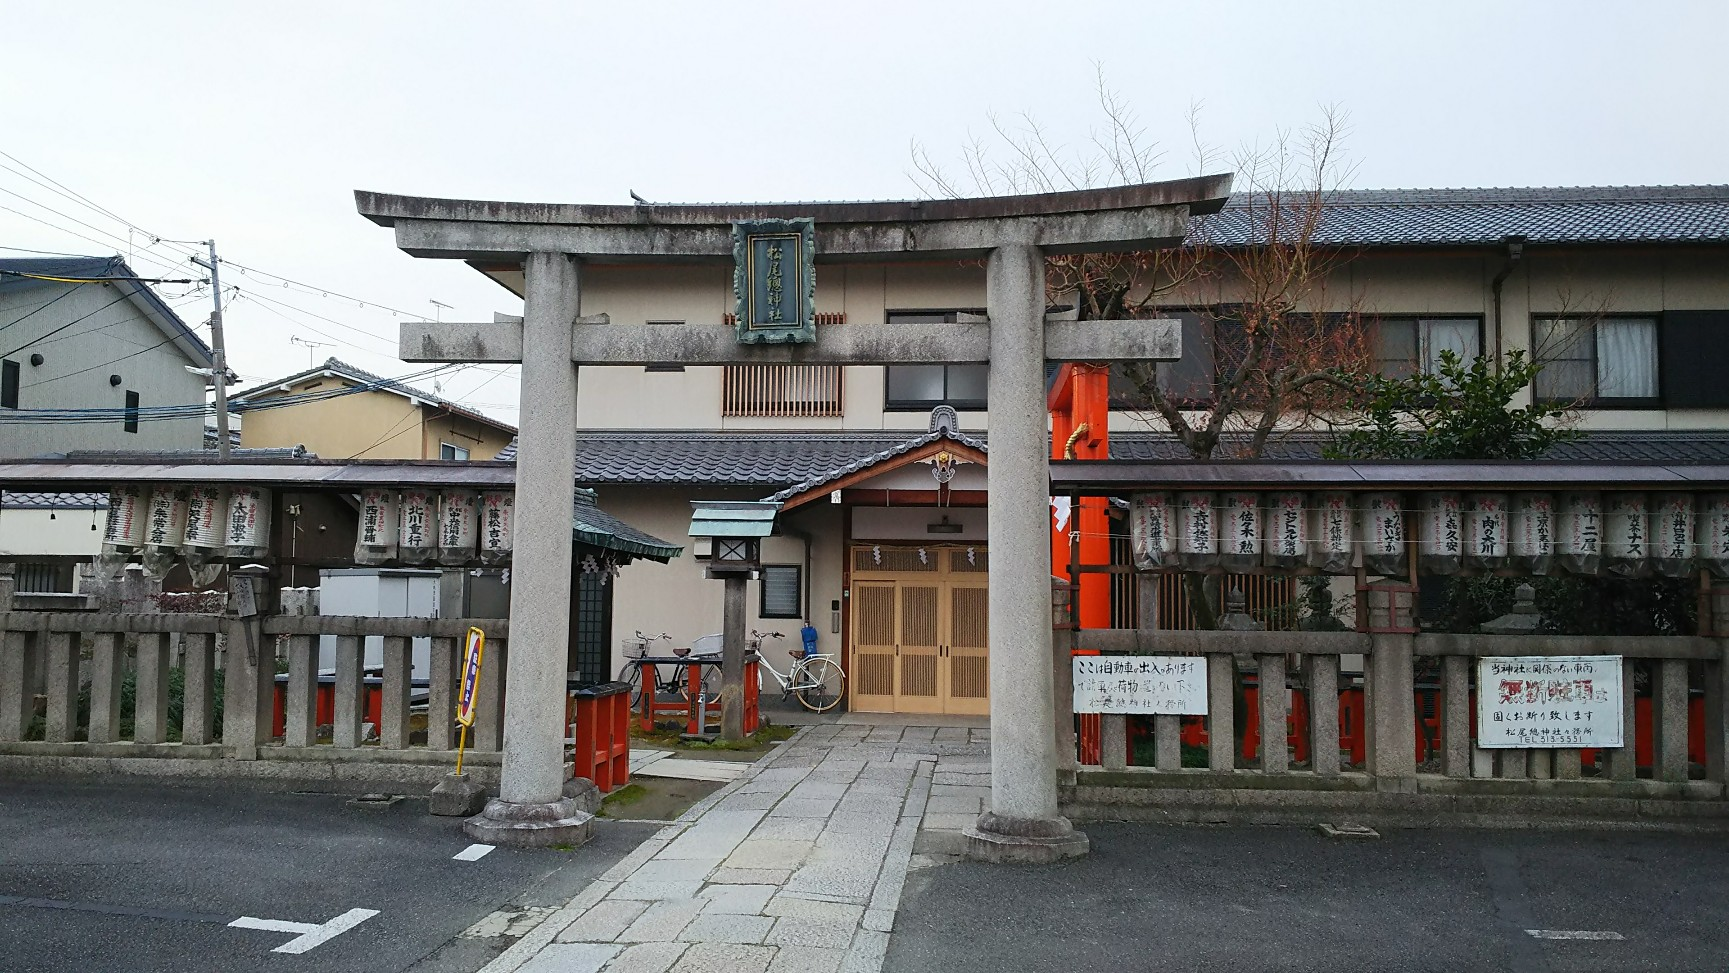 松尾神社朱雀旅所(京都市/下京区)